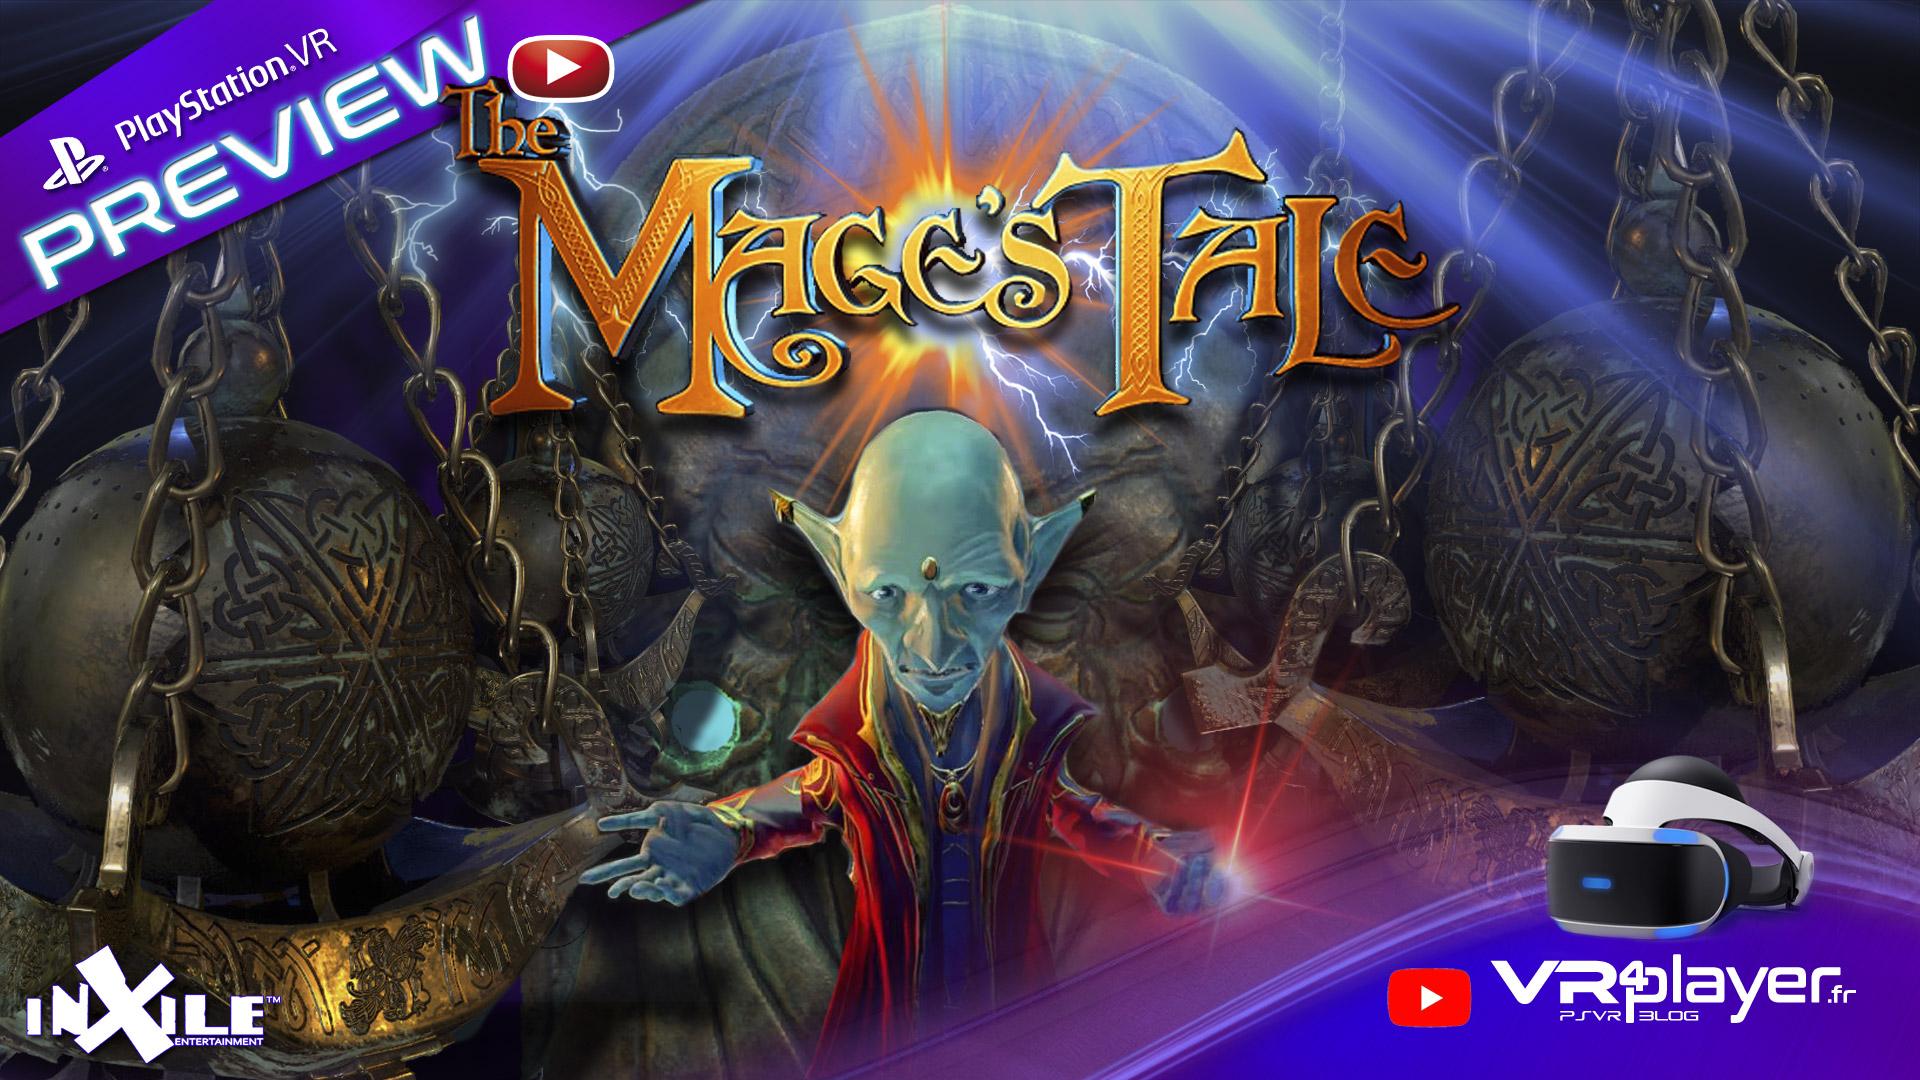 preview de The Mage's Tale sur PSVR - VR4player.fr